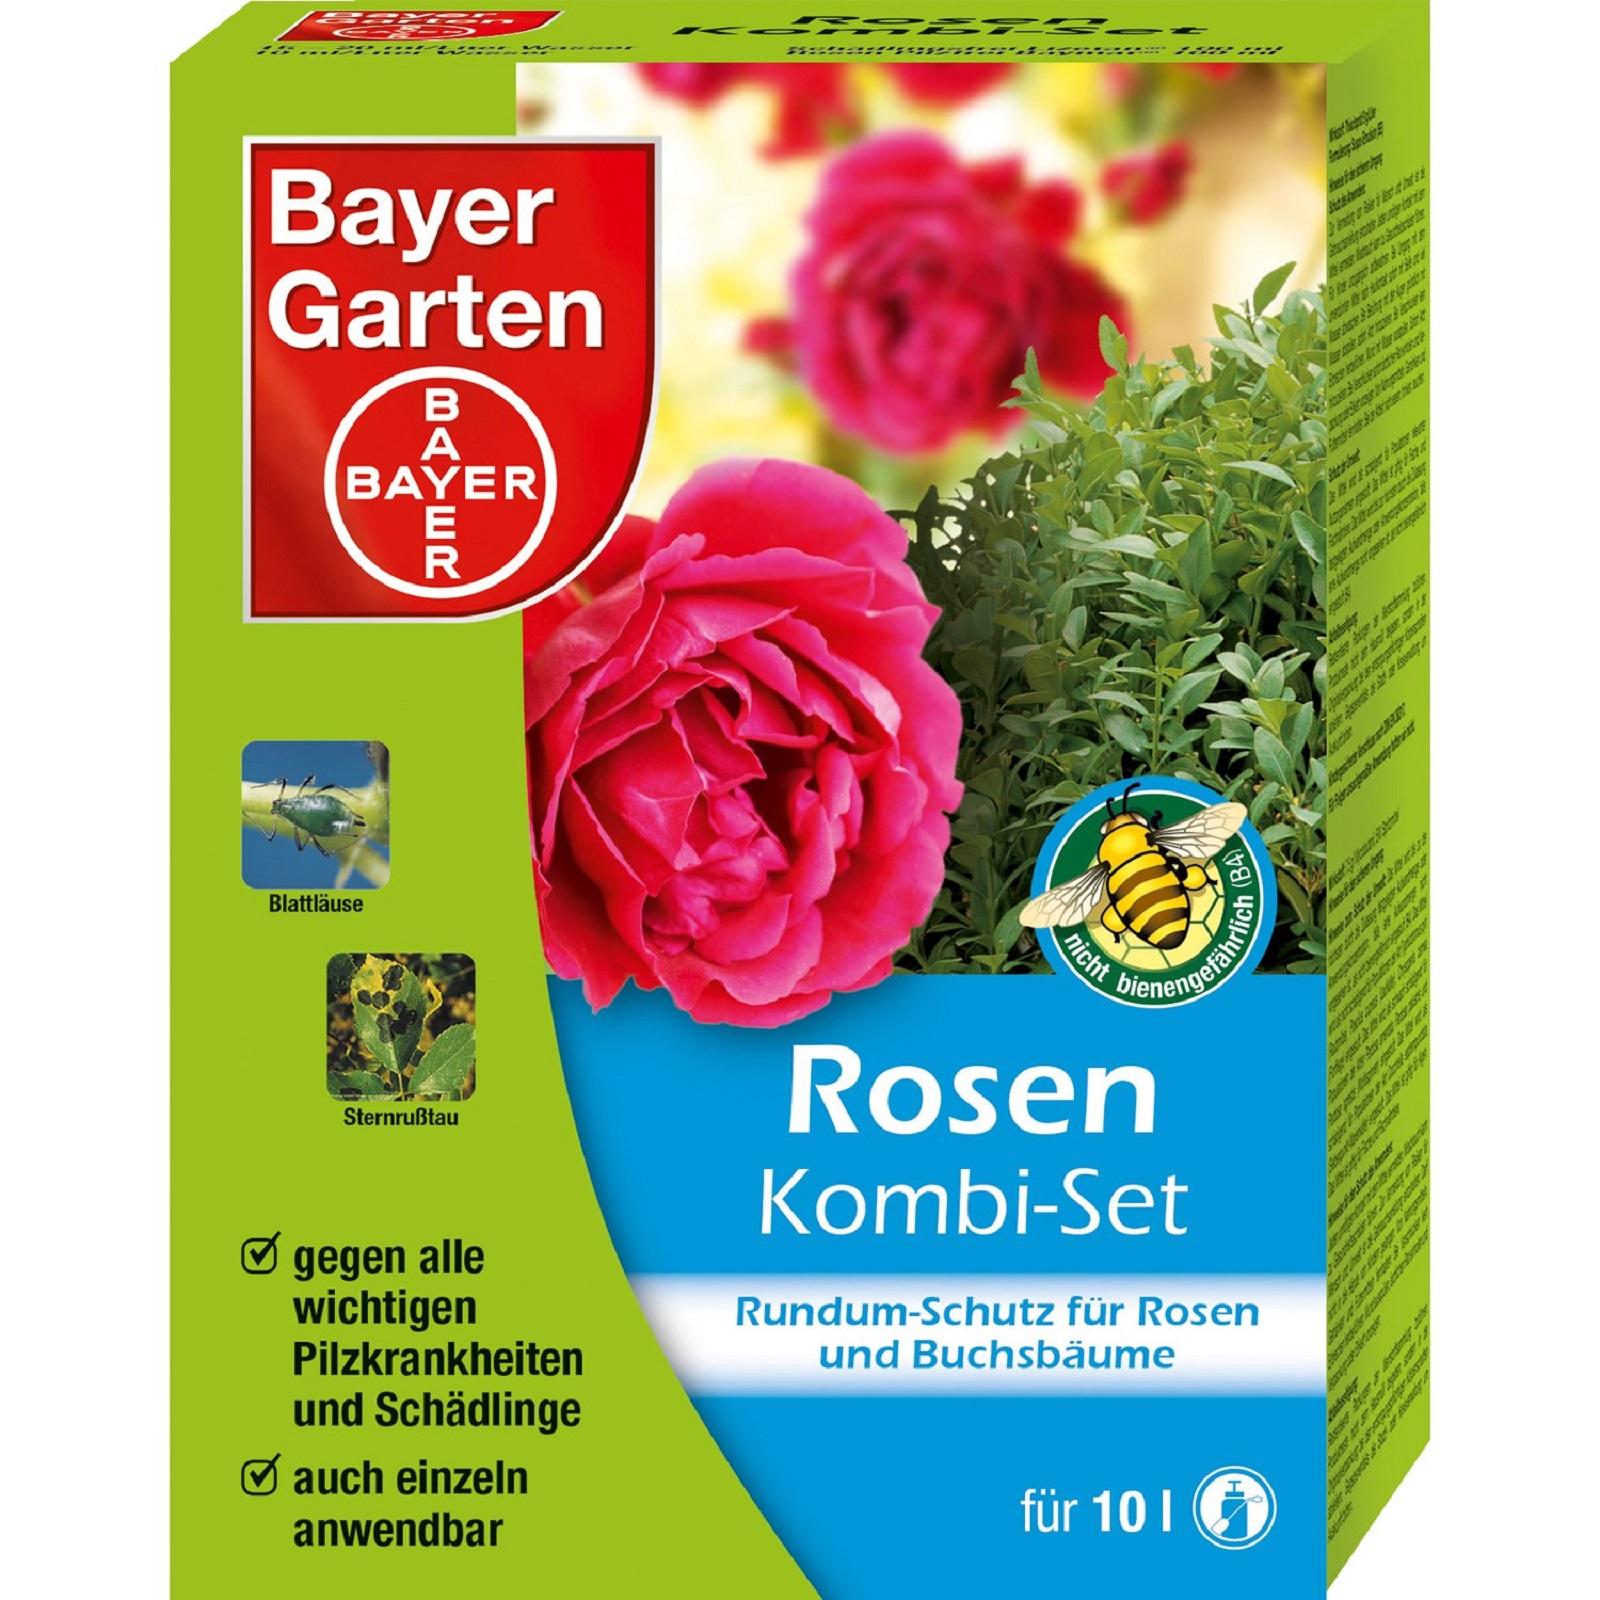 Bayer Rosen Kombi-Set Rundum Schutz für Rosen 100 ml